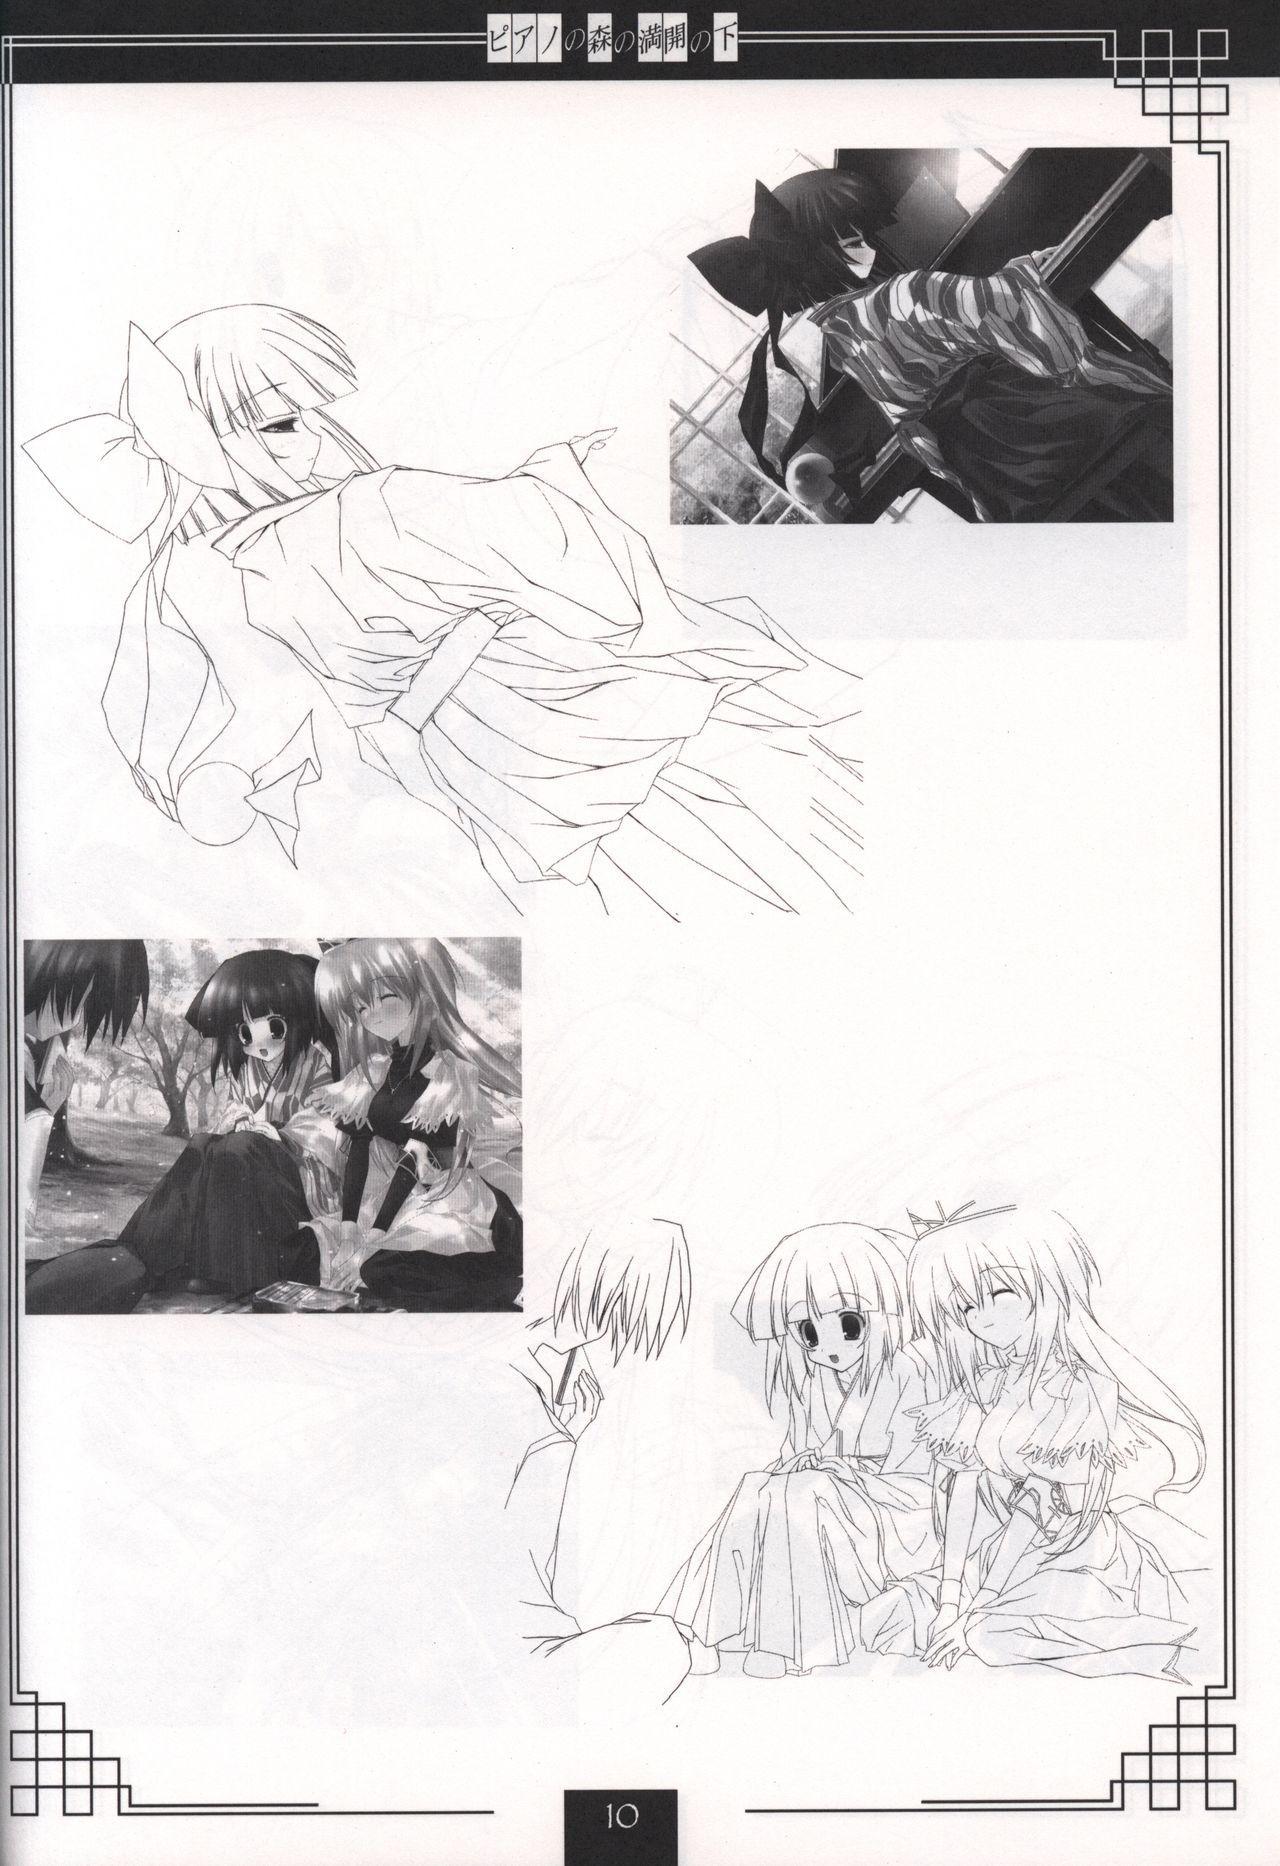 Piano no Mori no Mankai no Shita illustration art book 8